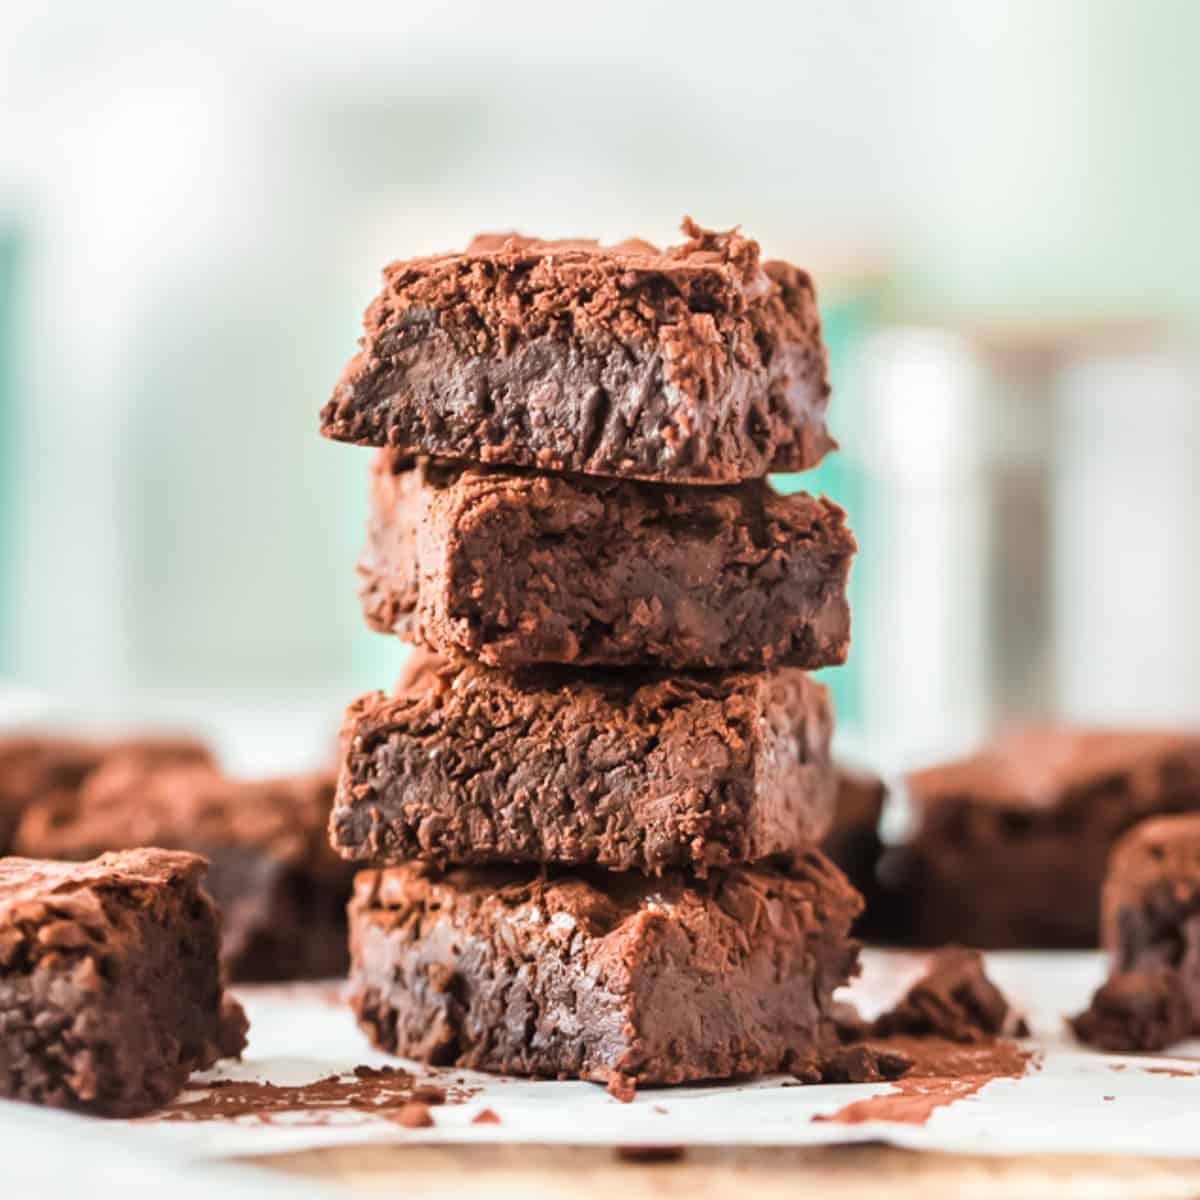 Brownies gestapelt auf einem Teller